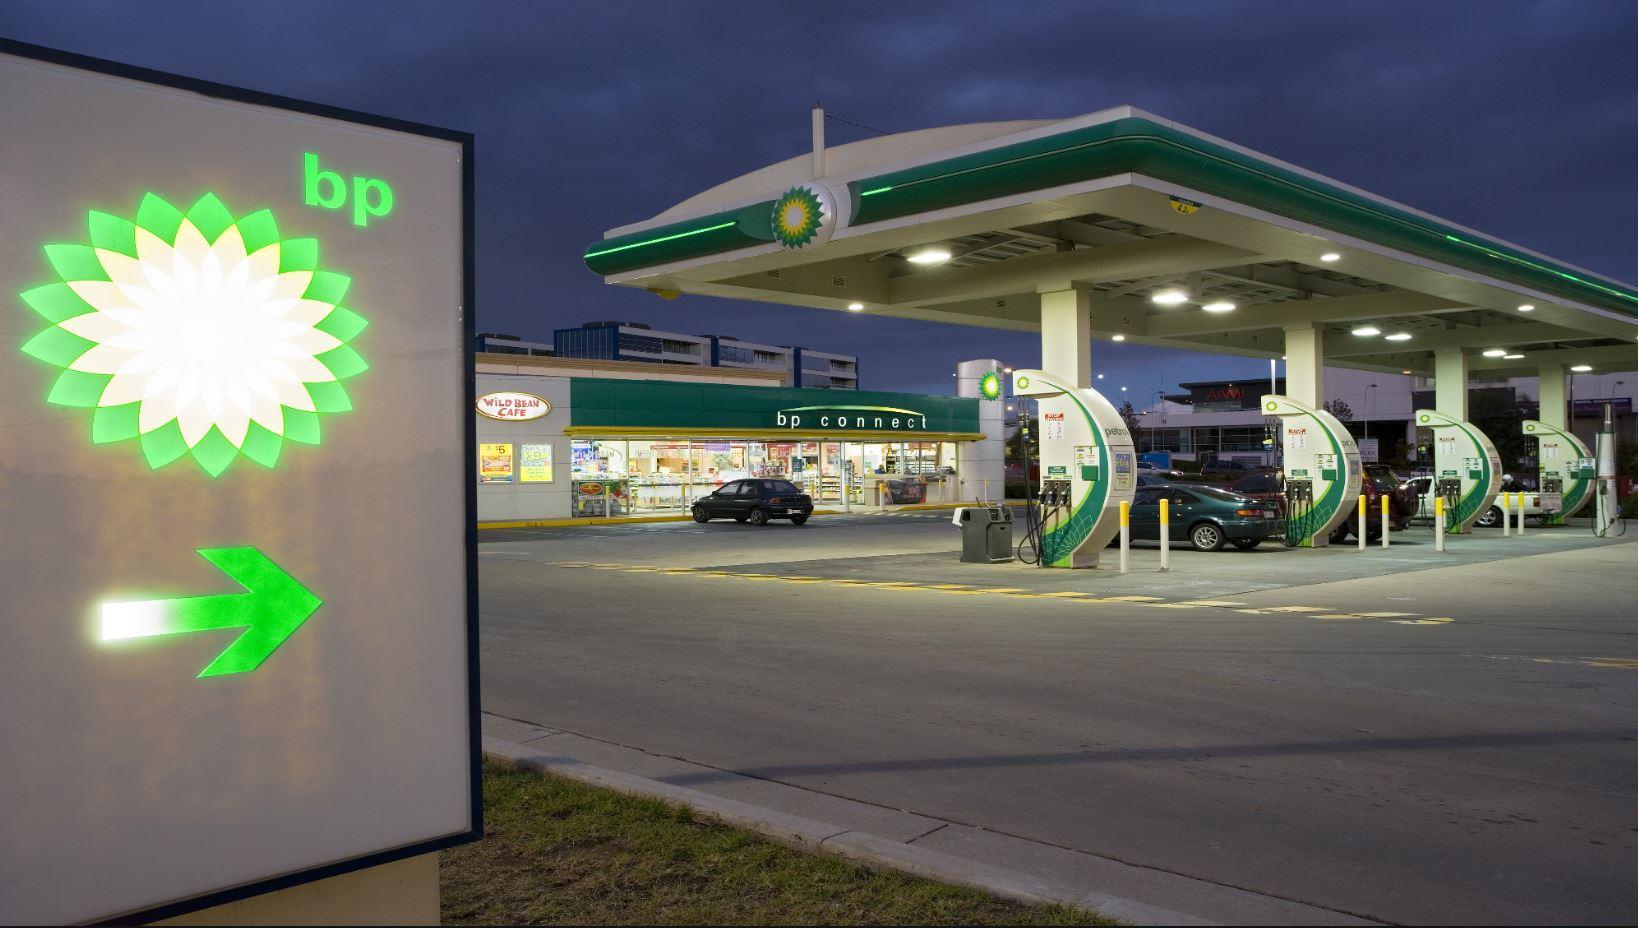 Un pétrolier invente la batterie qui recharge les voitures en 5 minutes